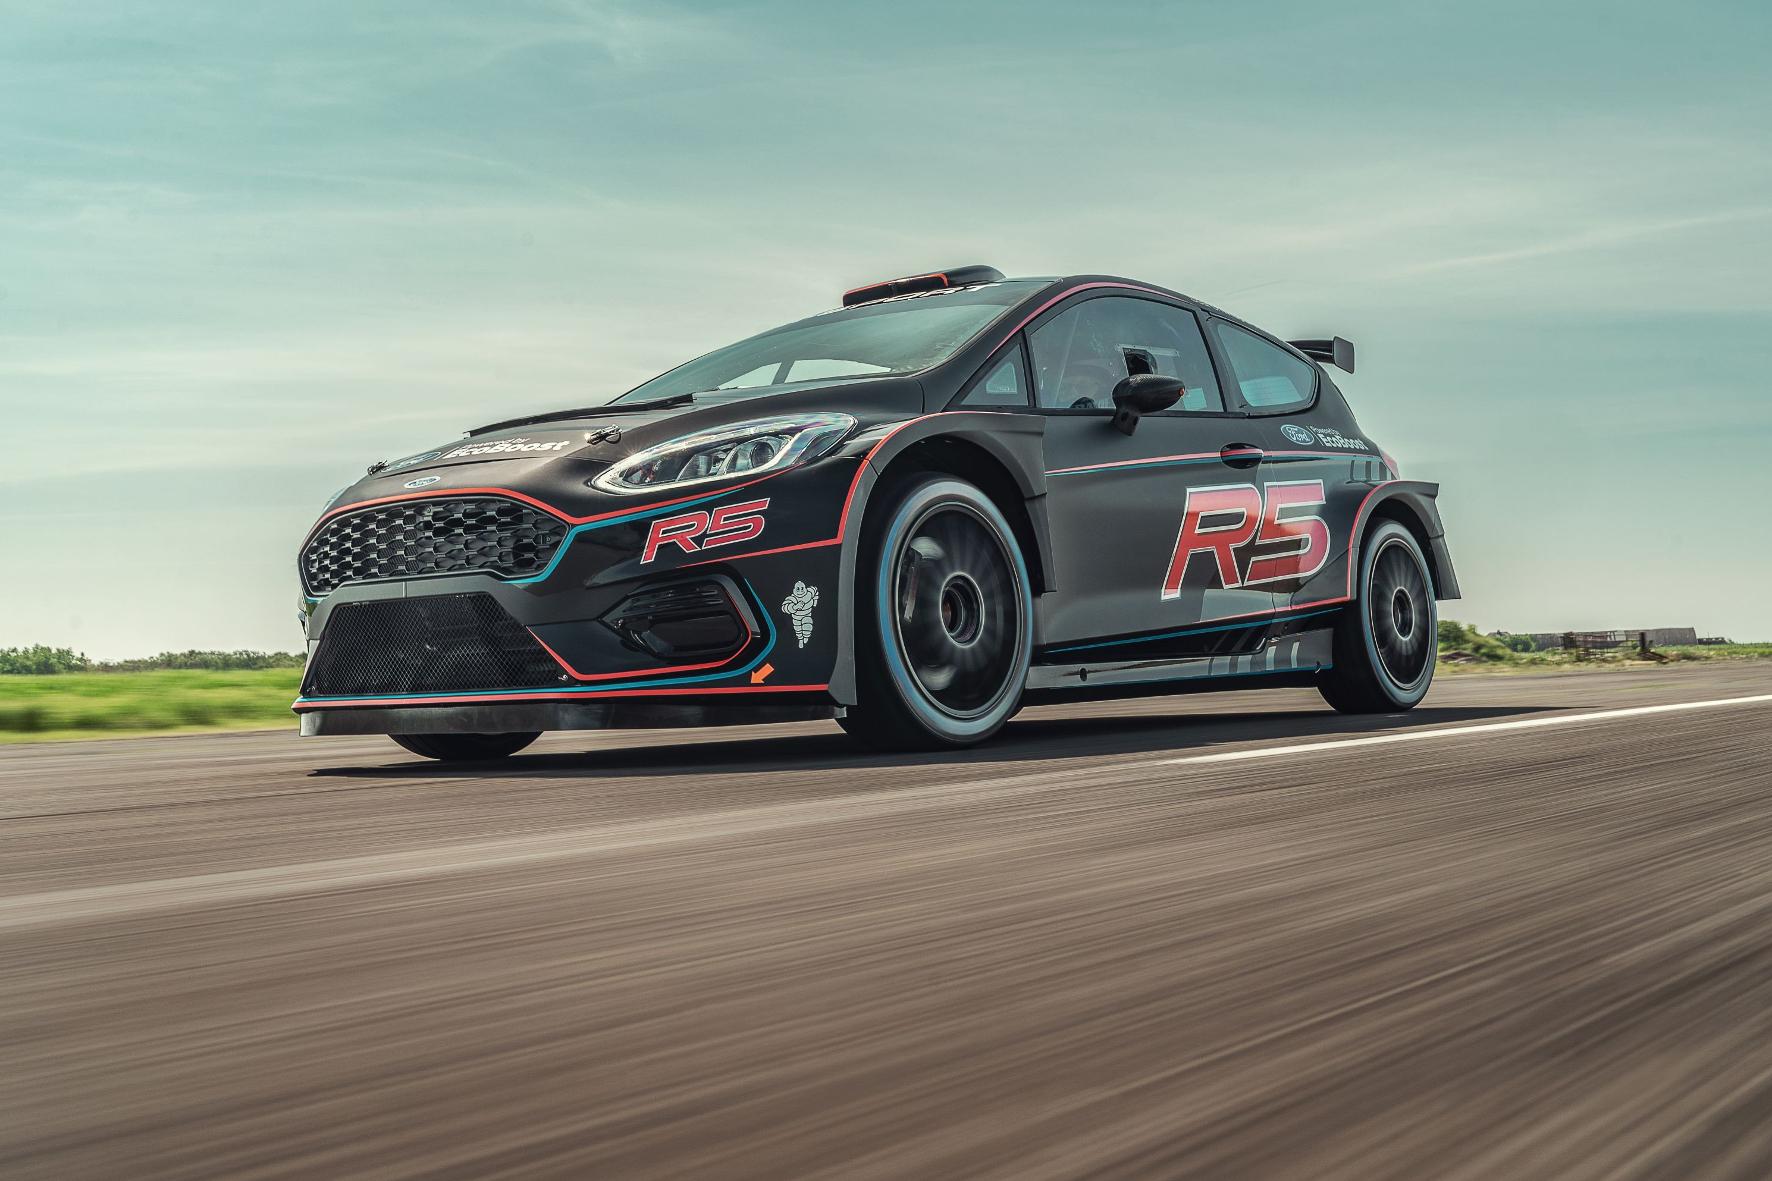 Kraftpaket: Der neue Ford Fiesta R5 ist bereit für sein Rallye-Debüt.